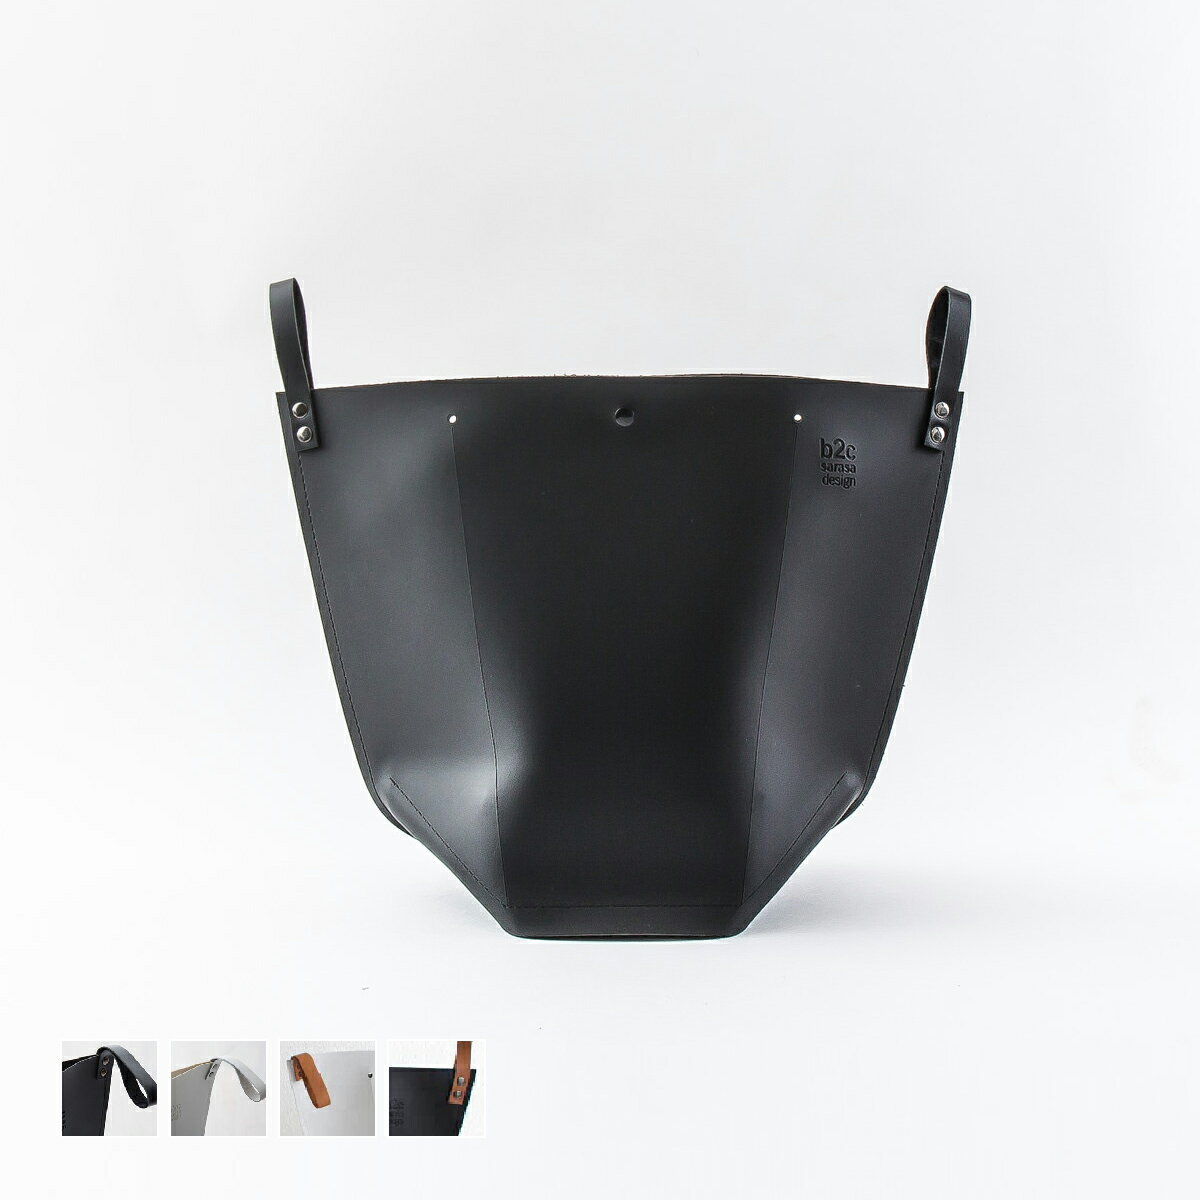 RoomClip商品情報 - ランドリーバスケット 折りたたみ [b2c ランドリーバッグ-mini] スリム サラサデザインストア sarasa design store